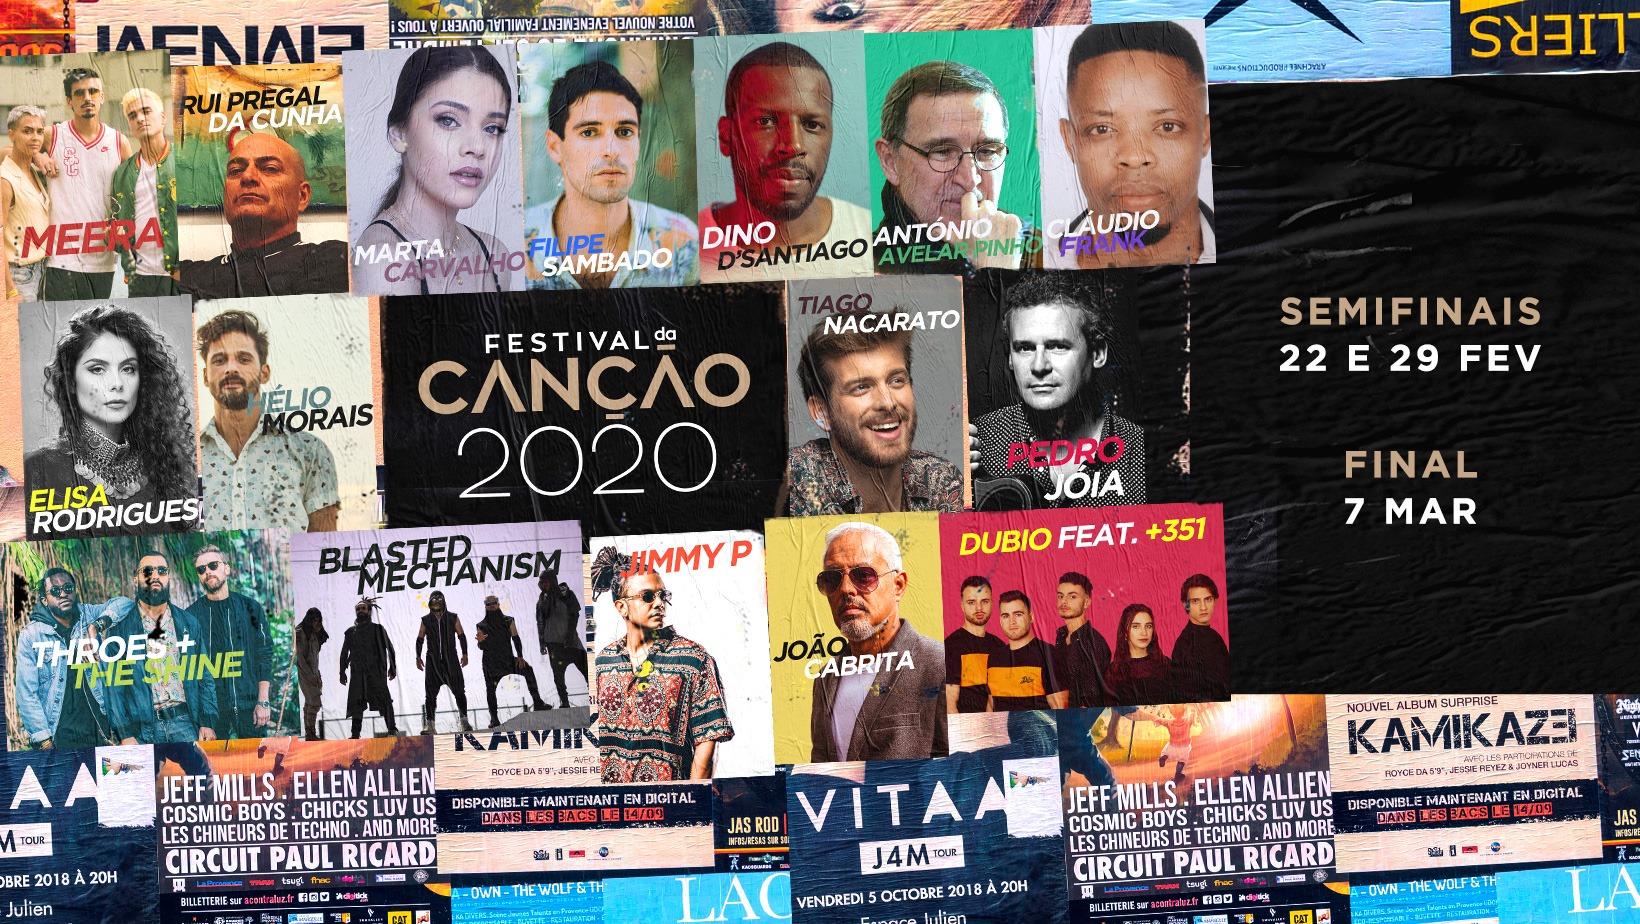 Portugal: Festival da Canção 2020 acts to be revealed on January 15